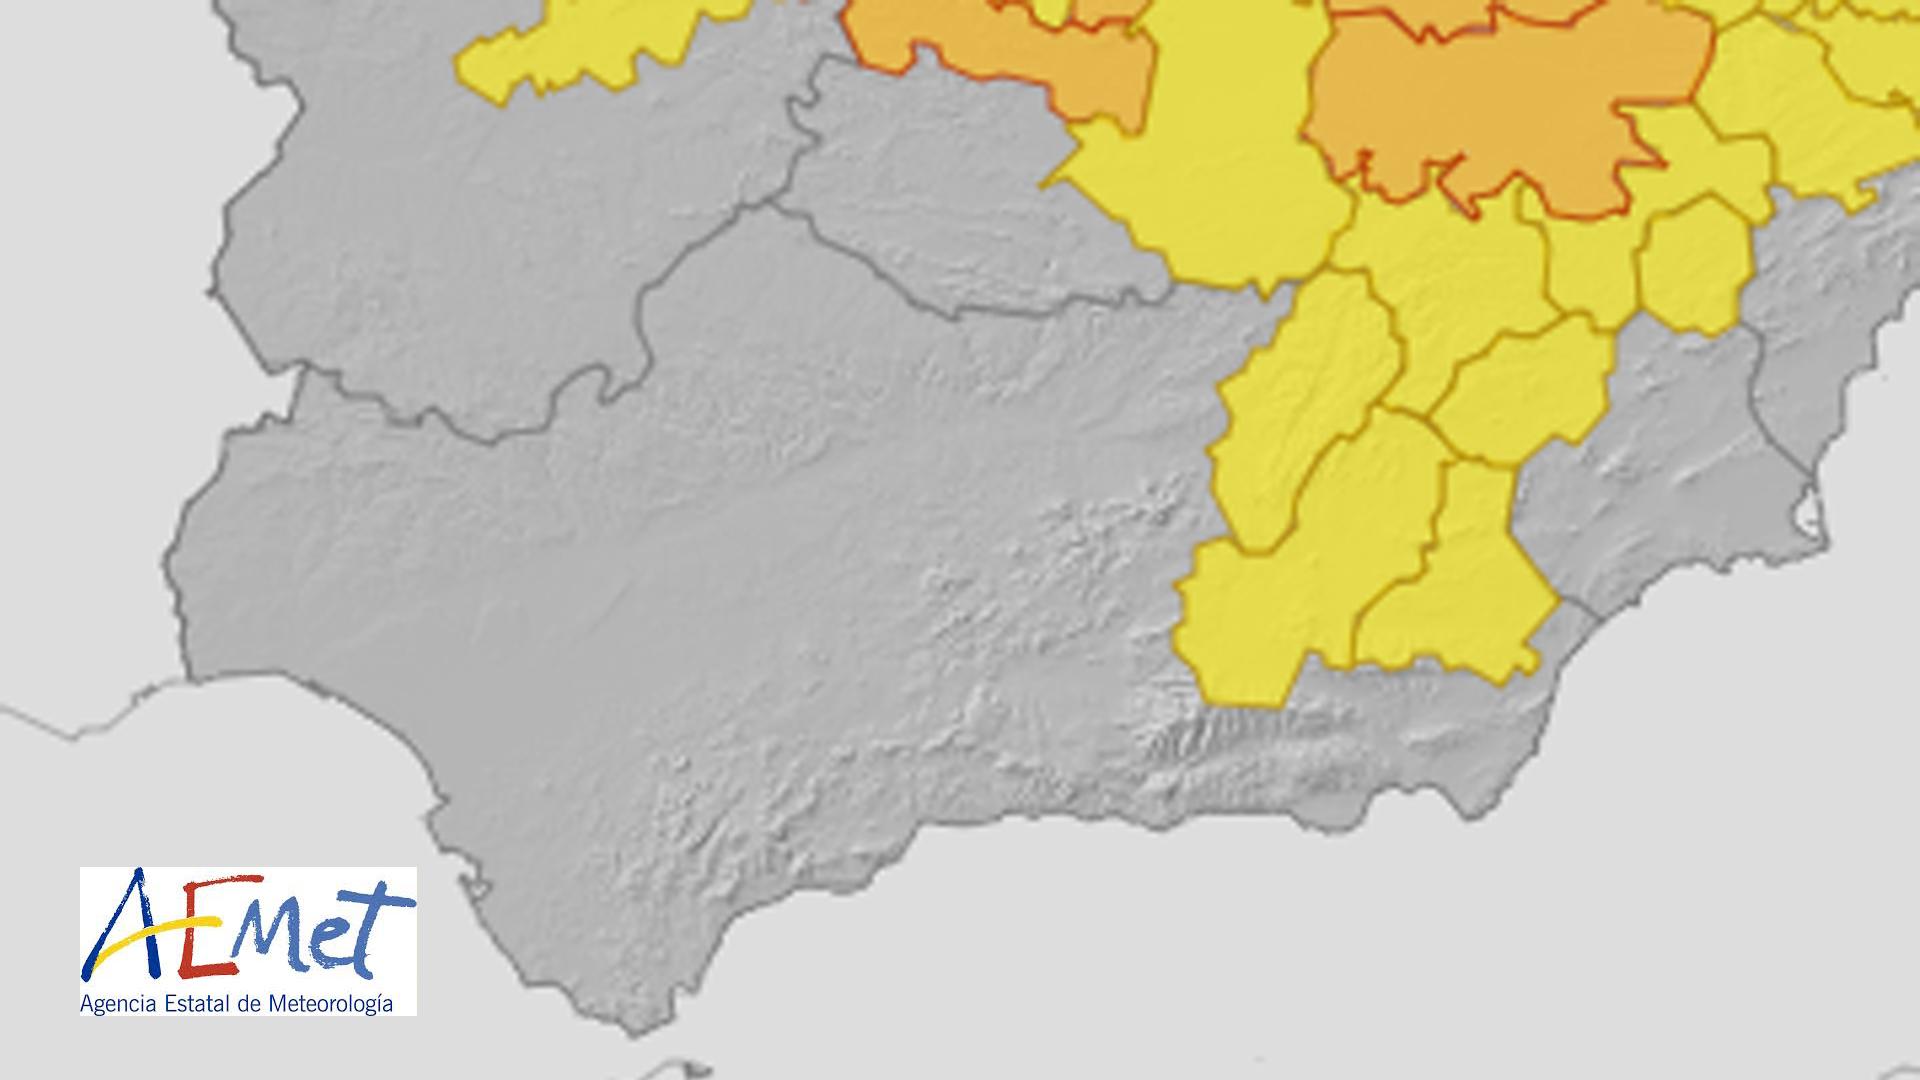 Activada la alerta amarilla por bajas temperaturas en las comarcas de Baza y Guadix